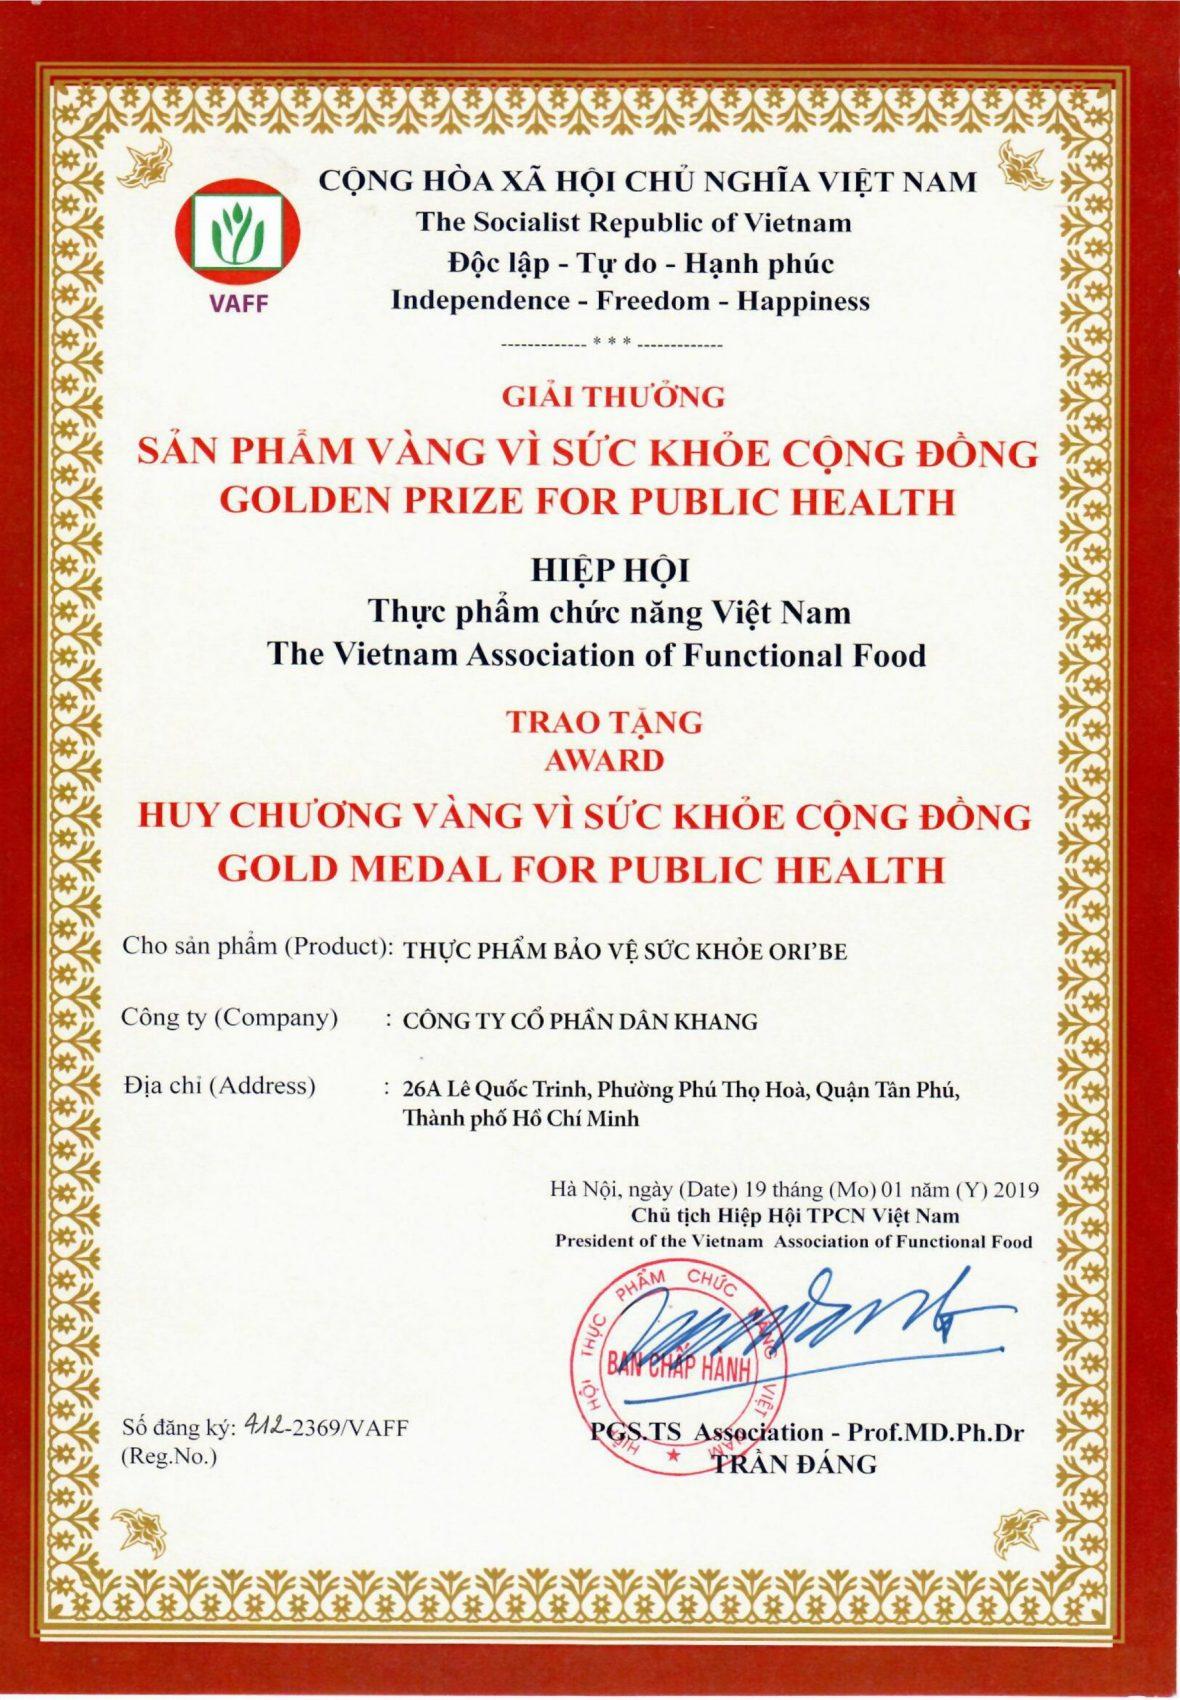 oribe huy chương vàng vì sức khoẻ cộng đồng